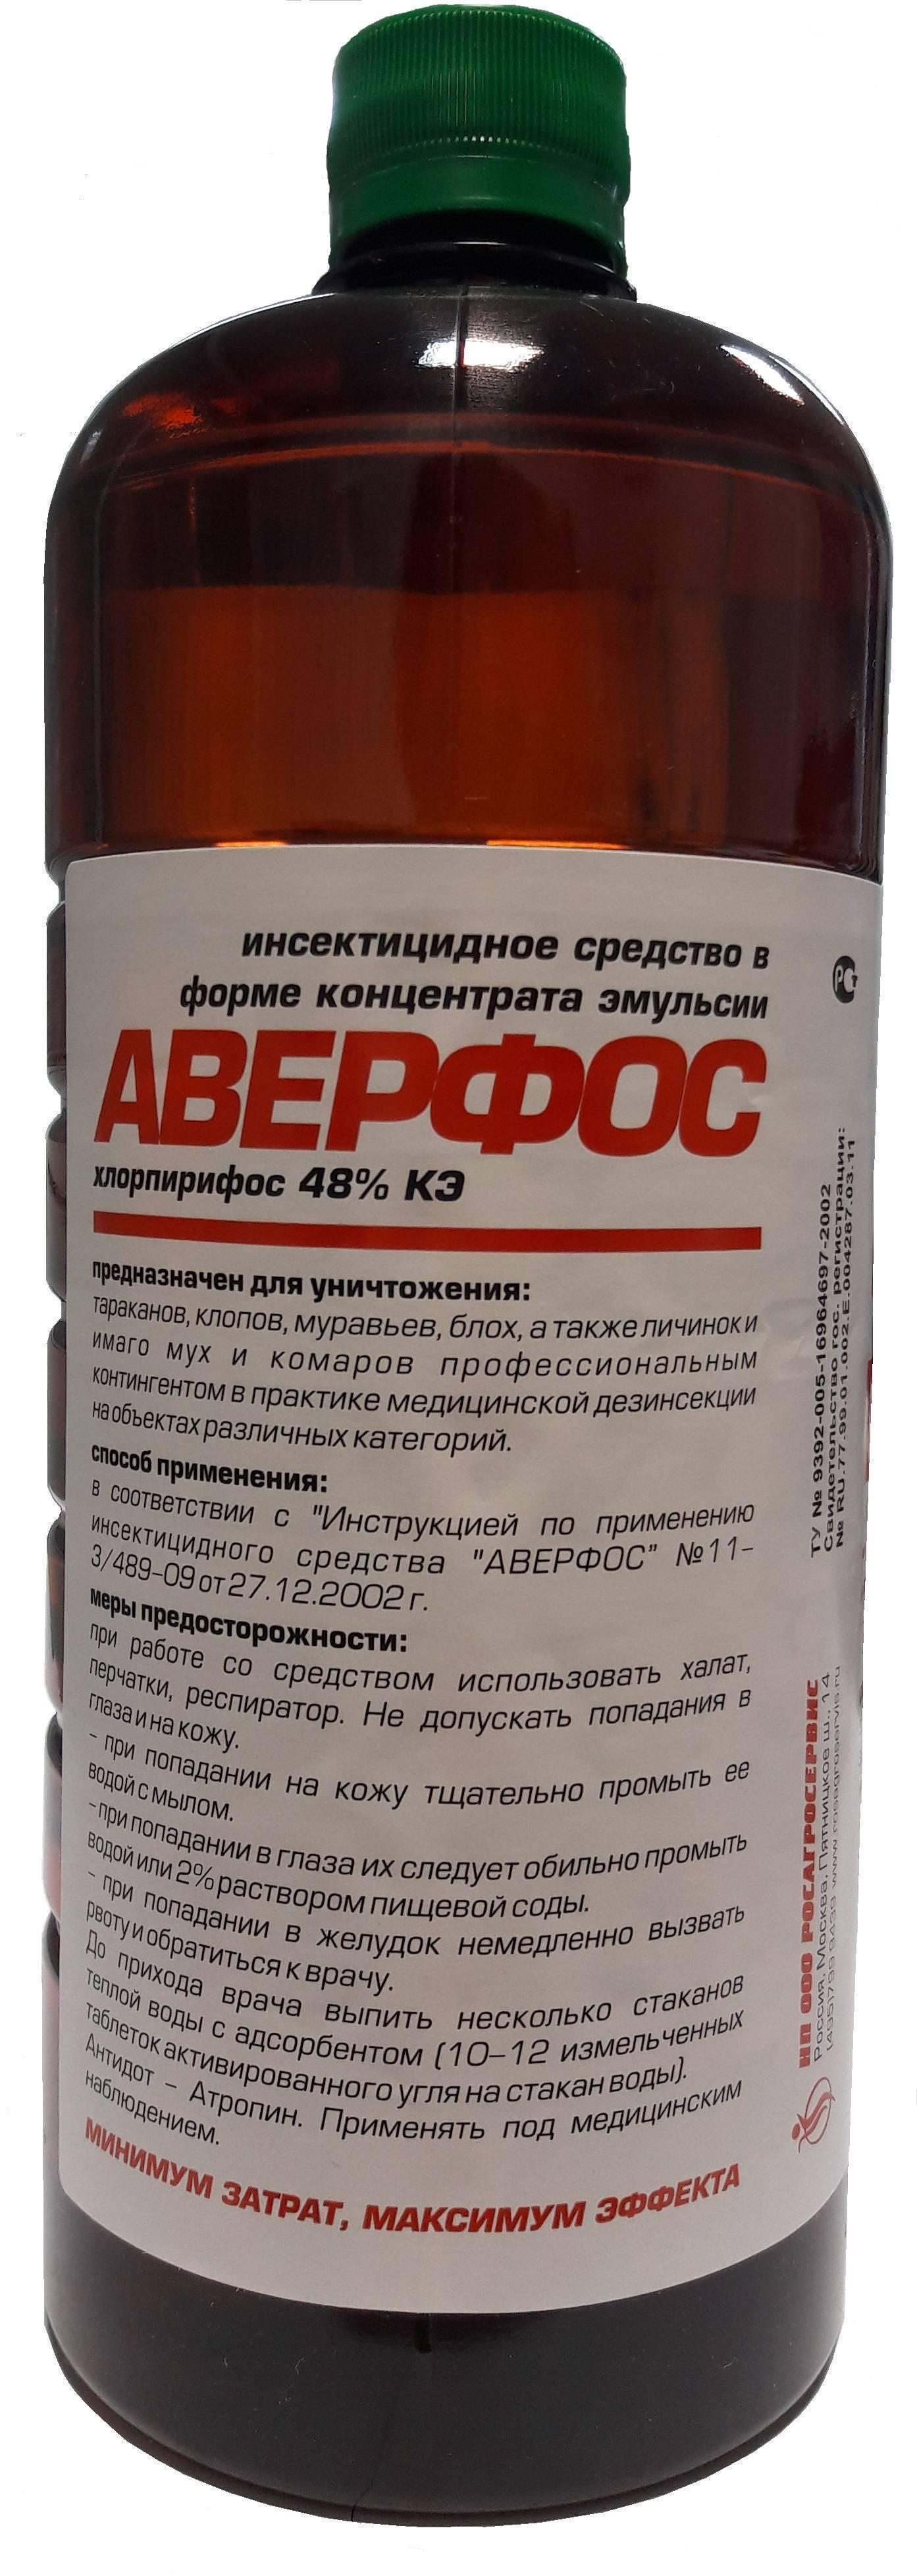 Аверфос от блох, клопов и тараканов: инструкция и рекомендации по применению